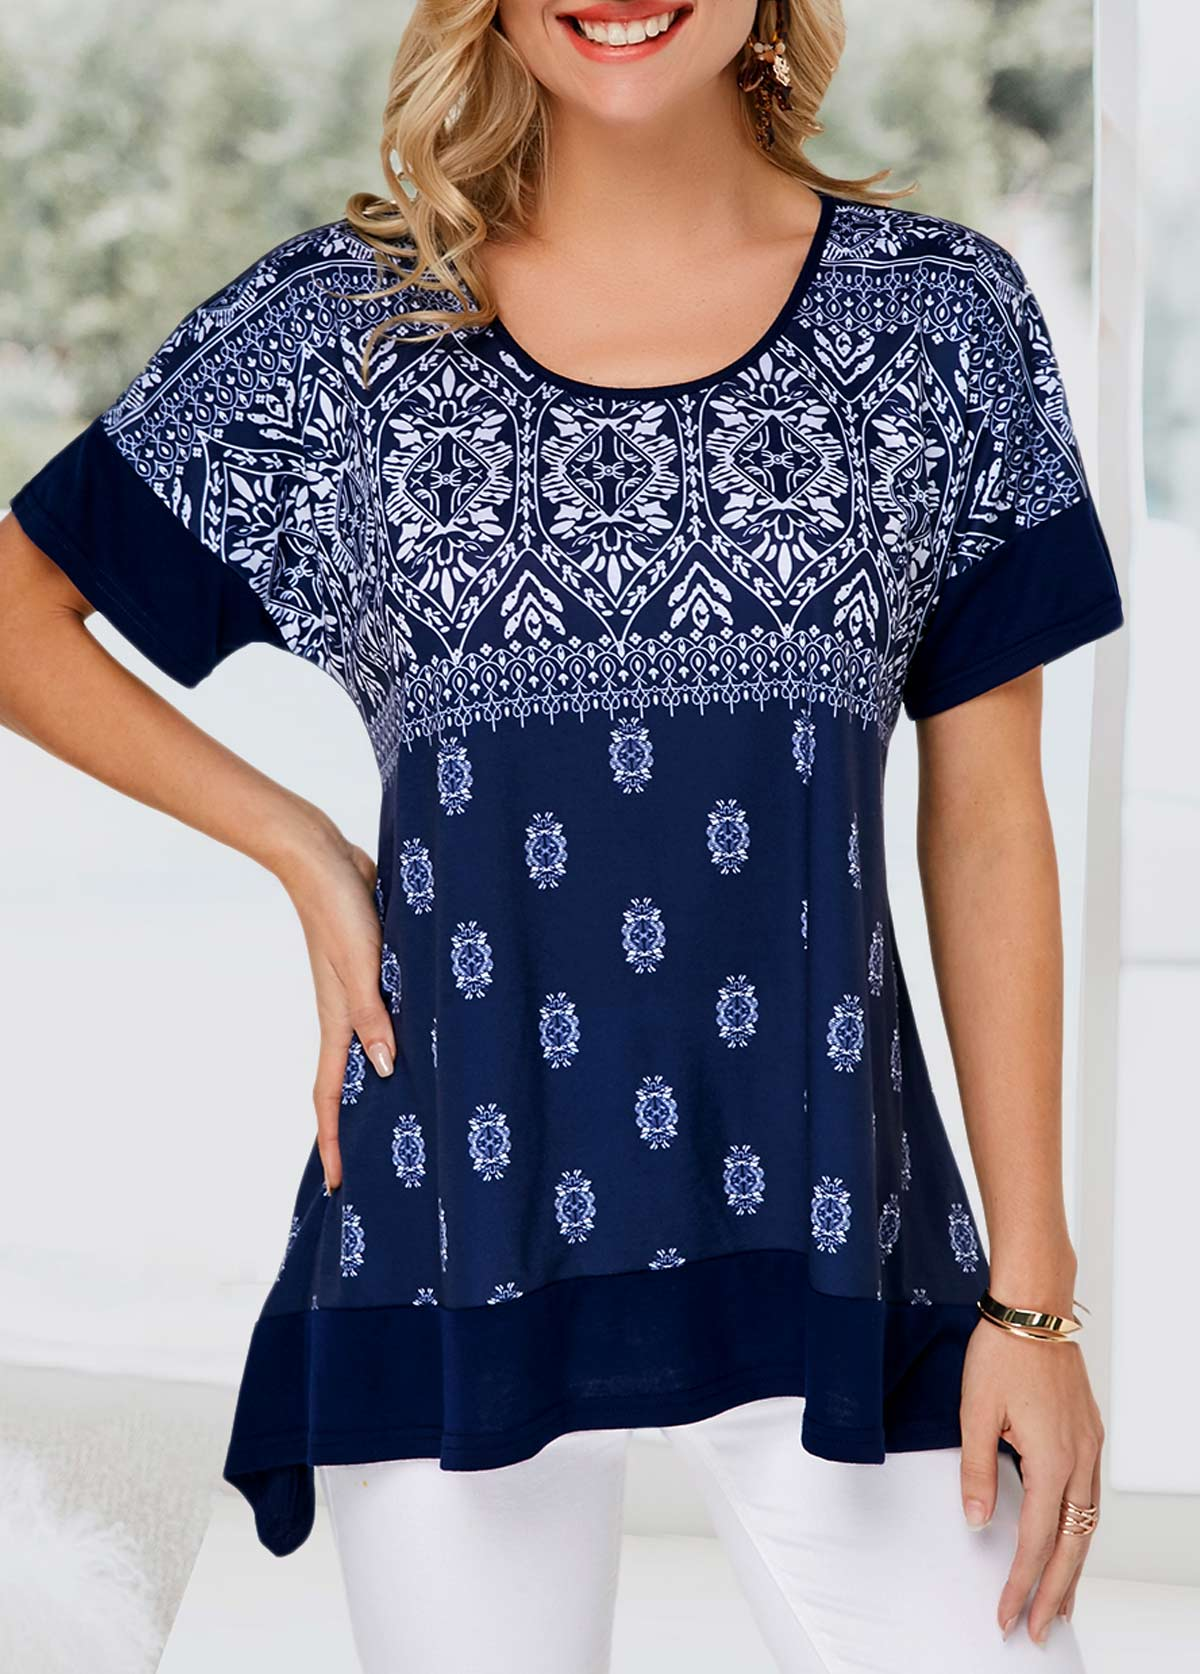 Flare Hem Short Sleeve Tribal Printed T Shirt